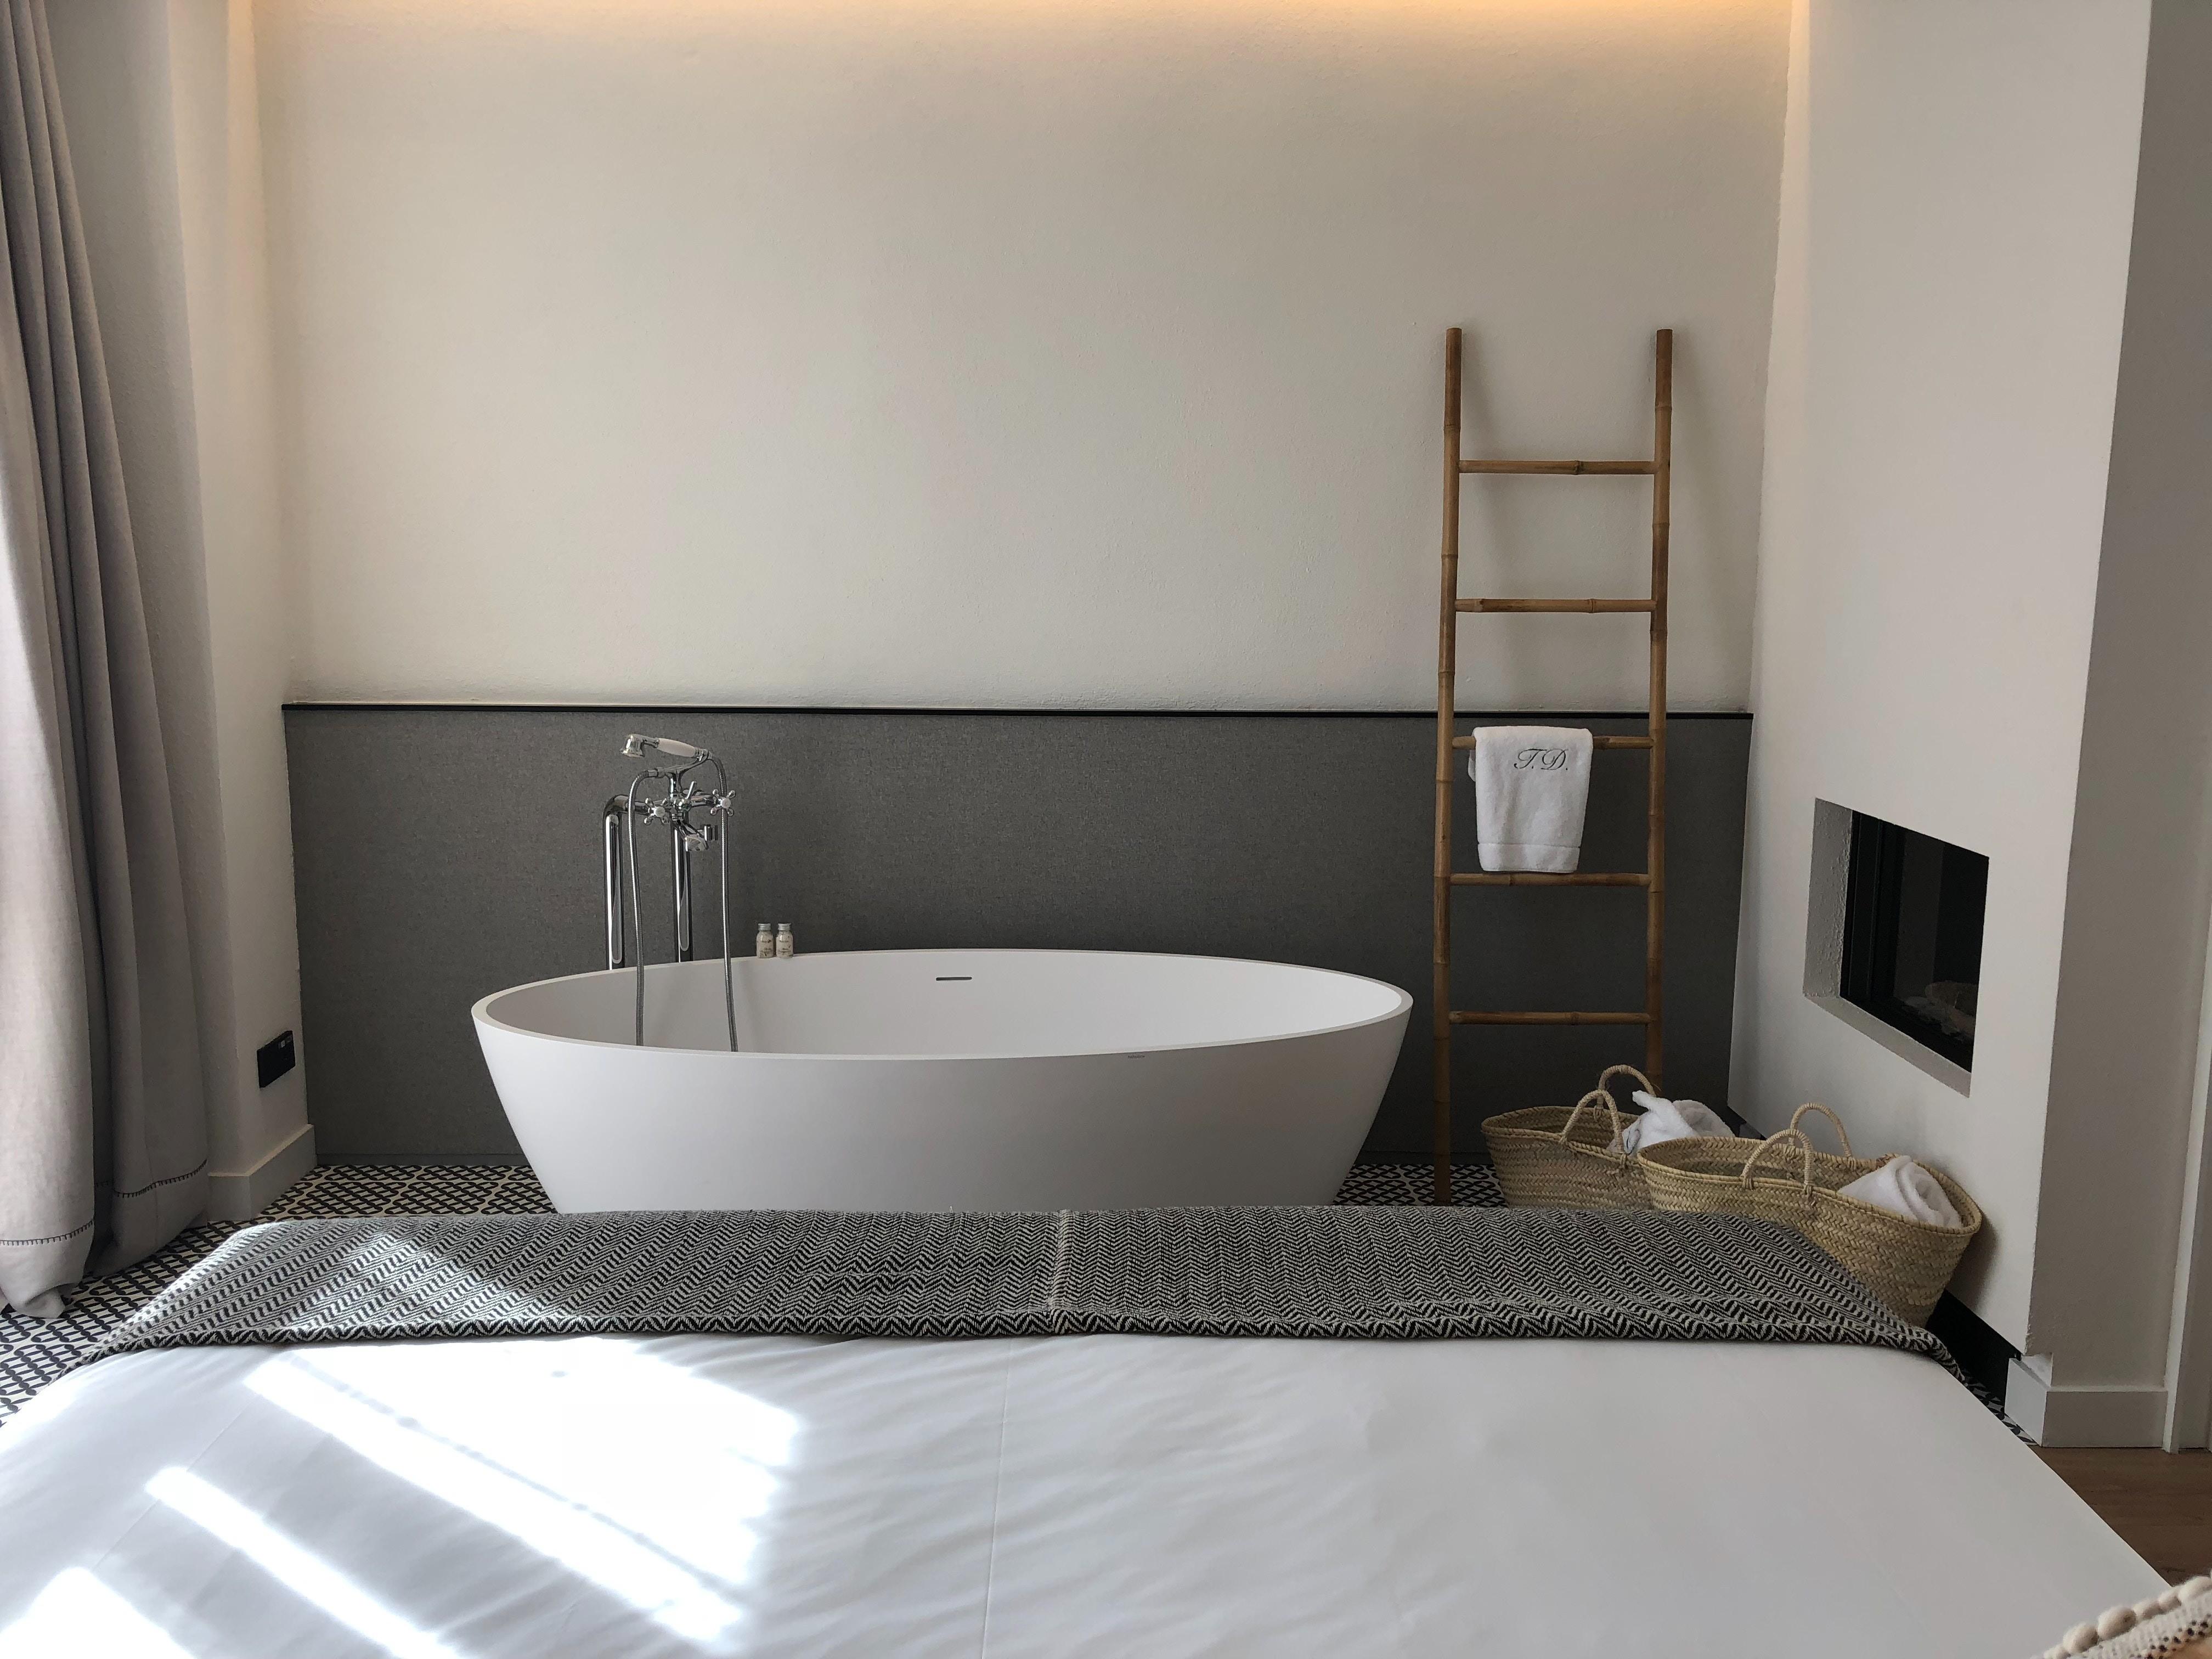 5 вопросов и ответов об уборке ванной